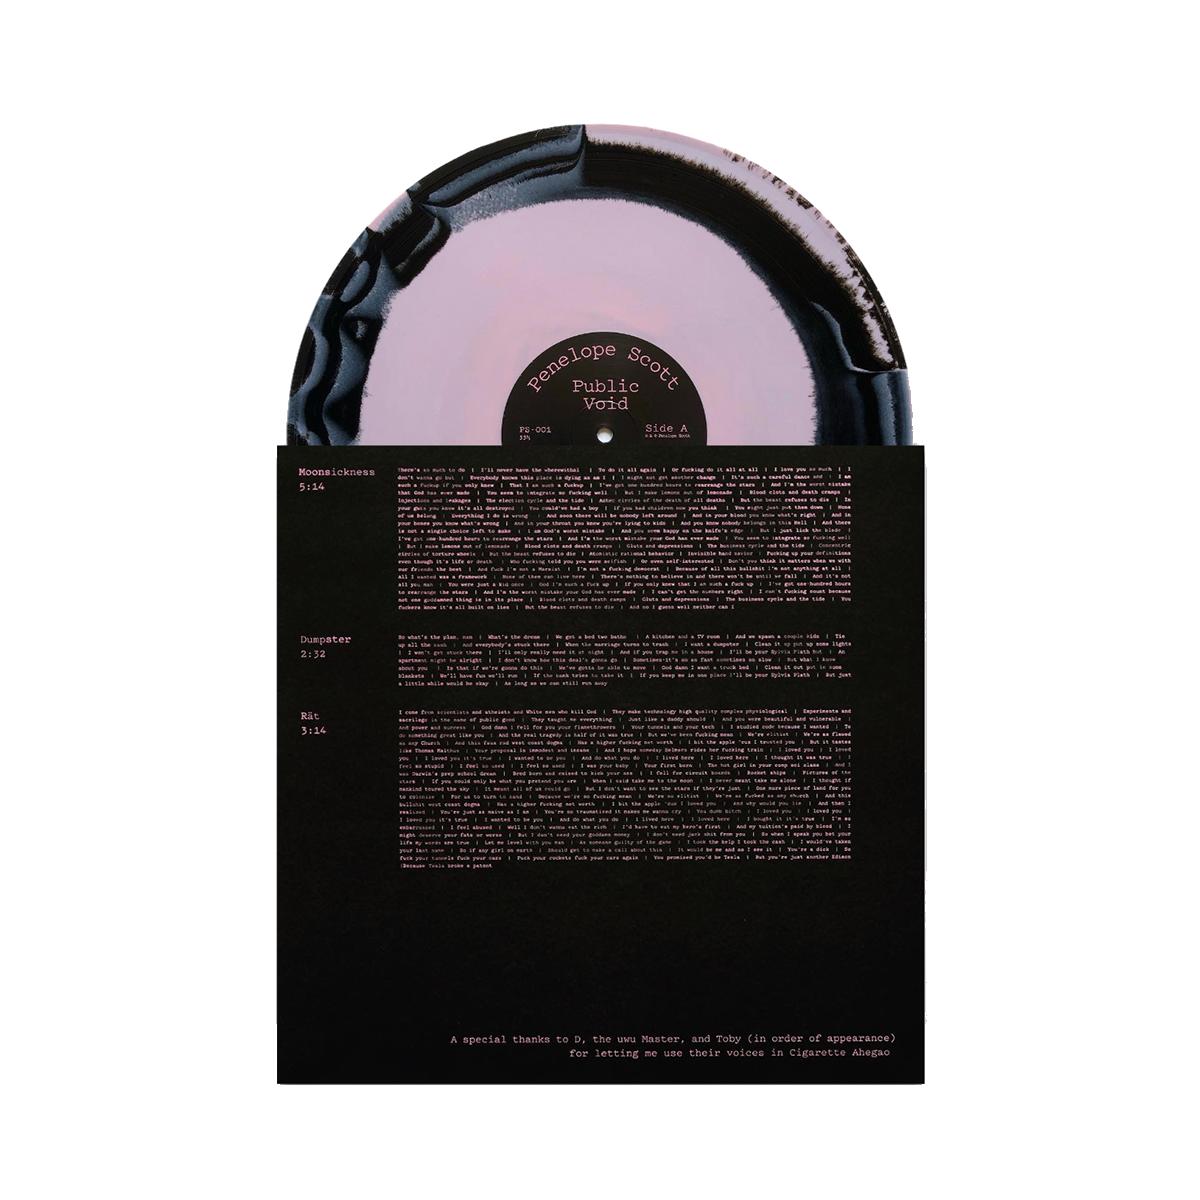 Public Void Vinyl